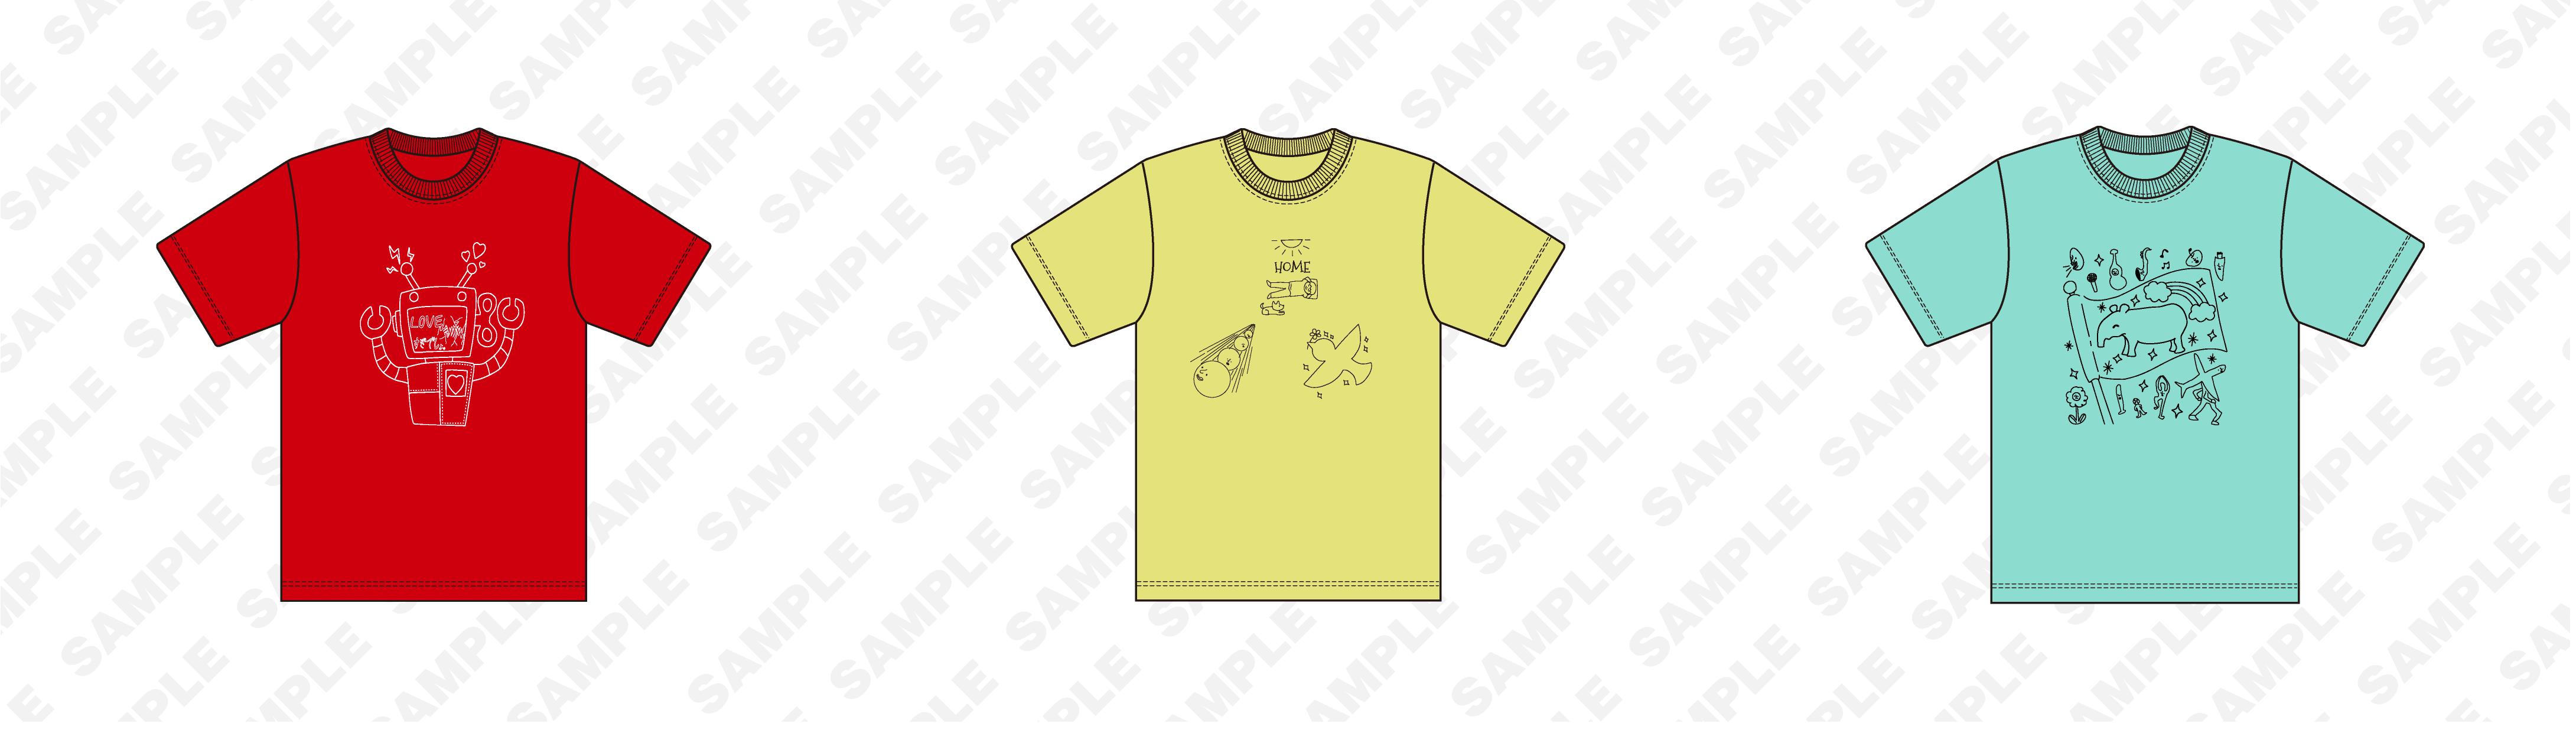 【愛Tシャツ】寺島惇太・仲村宗悟・高塚智人 デザイン_俺T